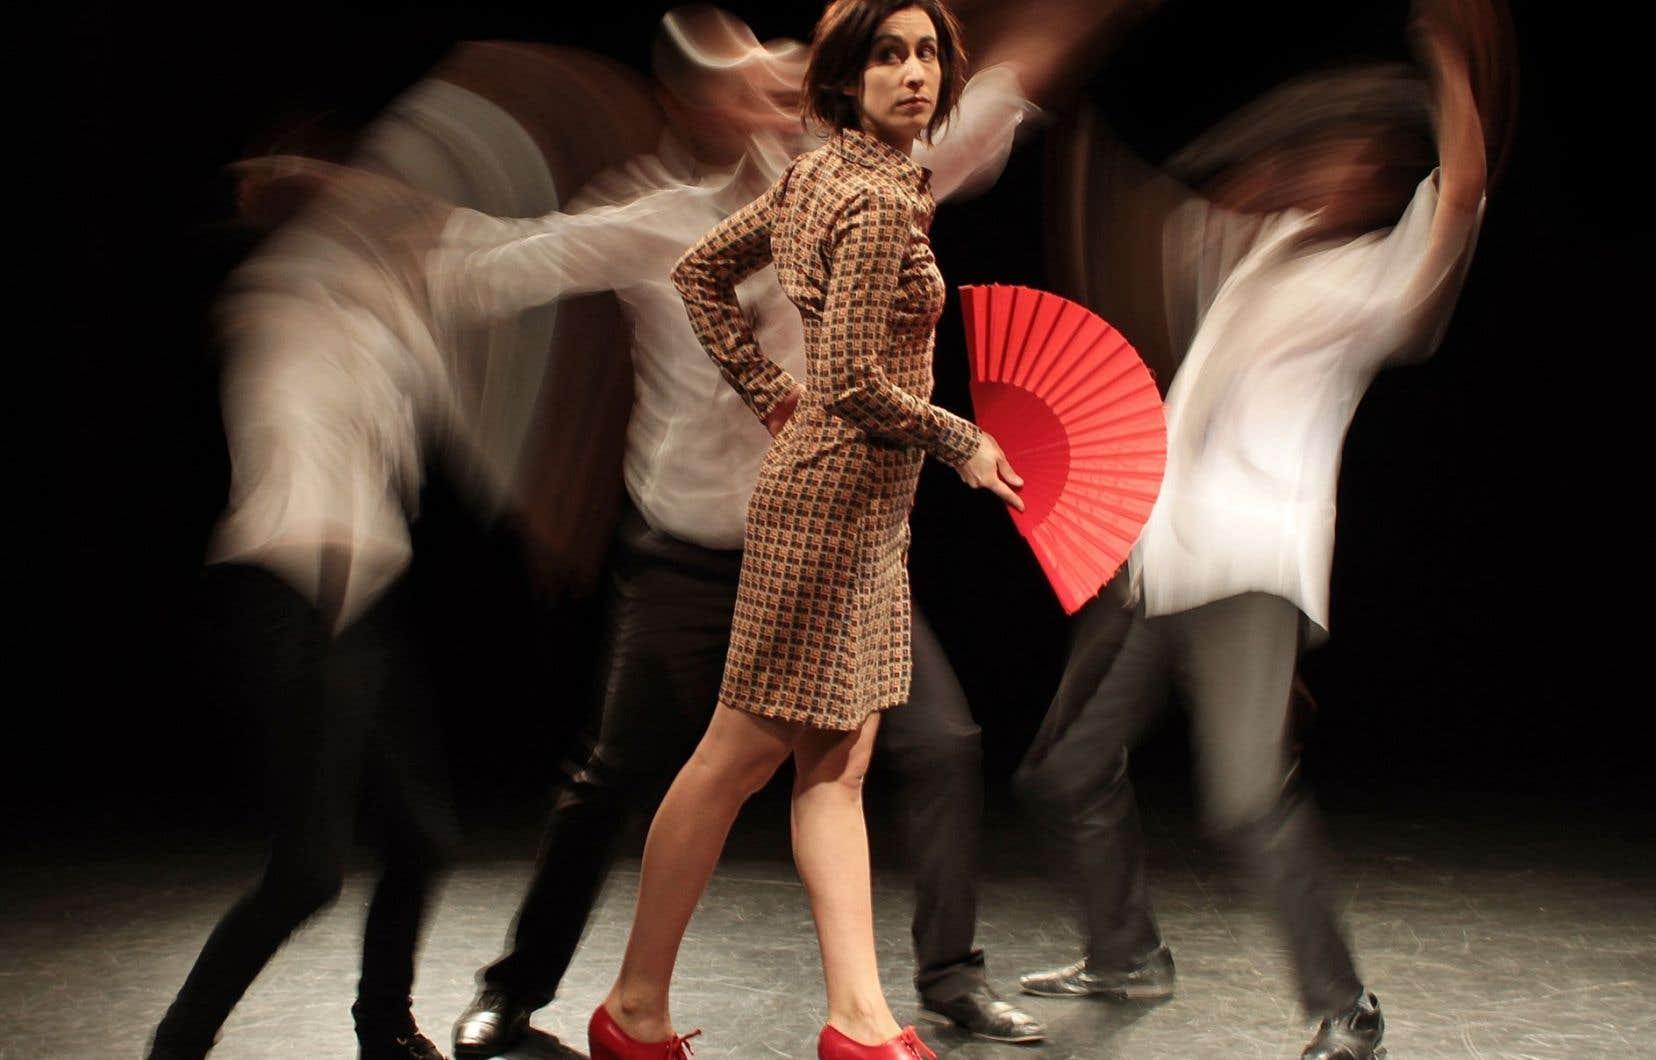 Le Théâtre Centennial reçoit des créateurs de tous les horizons, comme la compagnie La Otra Orilla, dont la création «Moi & les autres» sera présentée le 20 octobre prochain sur la scène sherbrookoise.